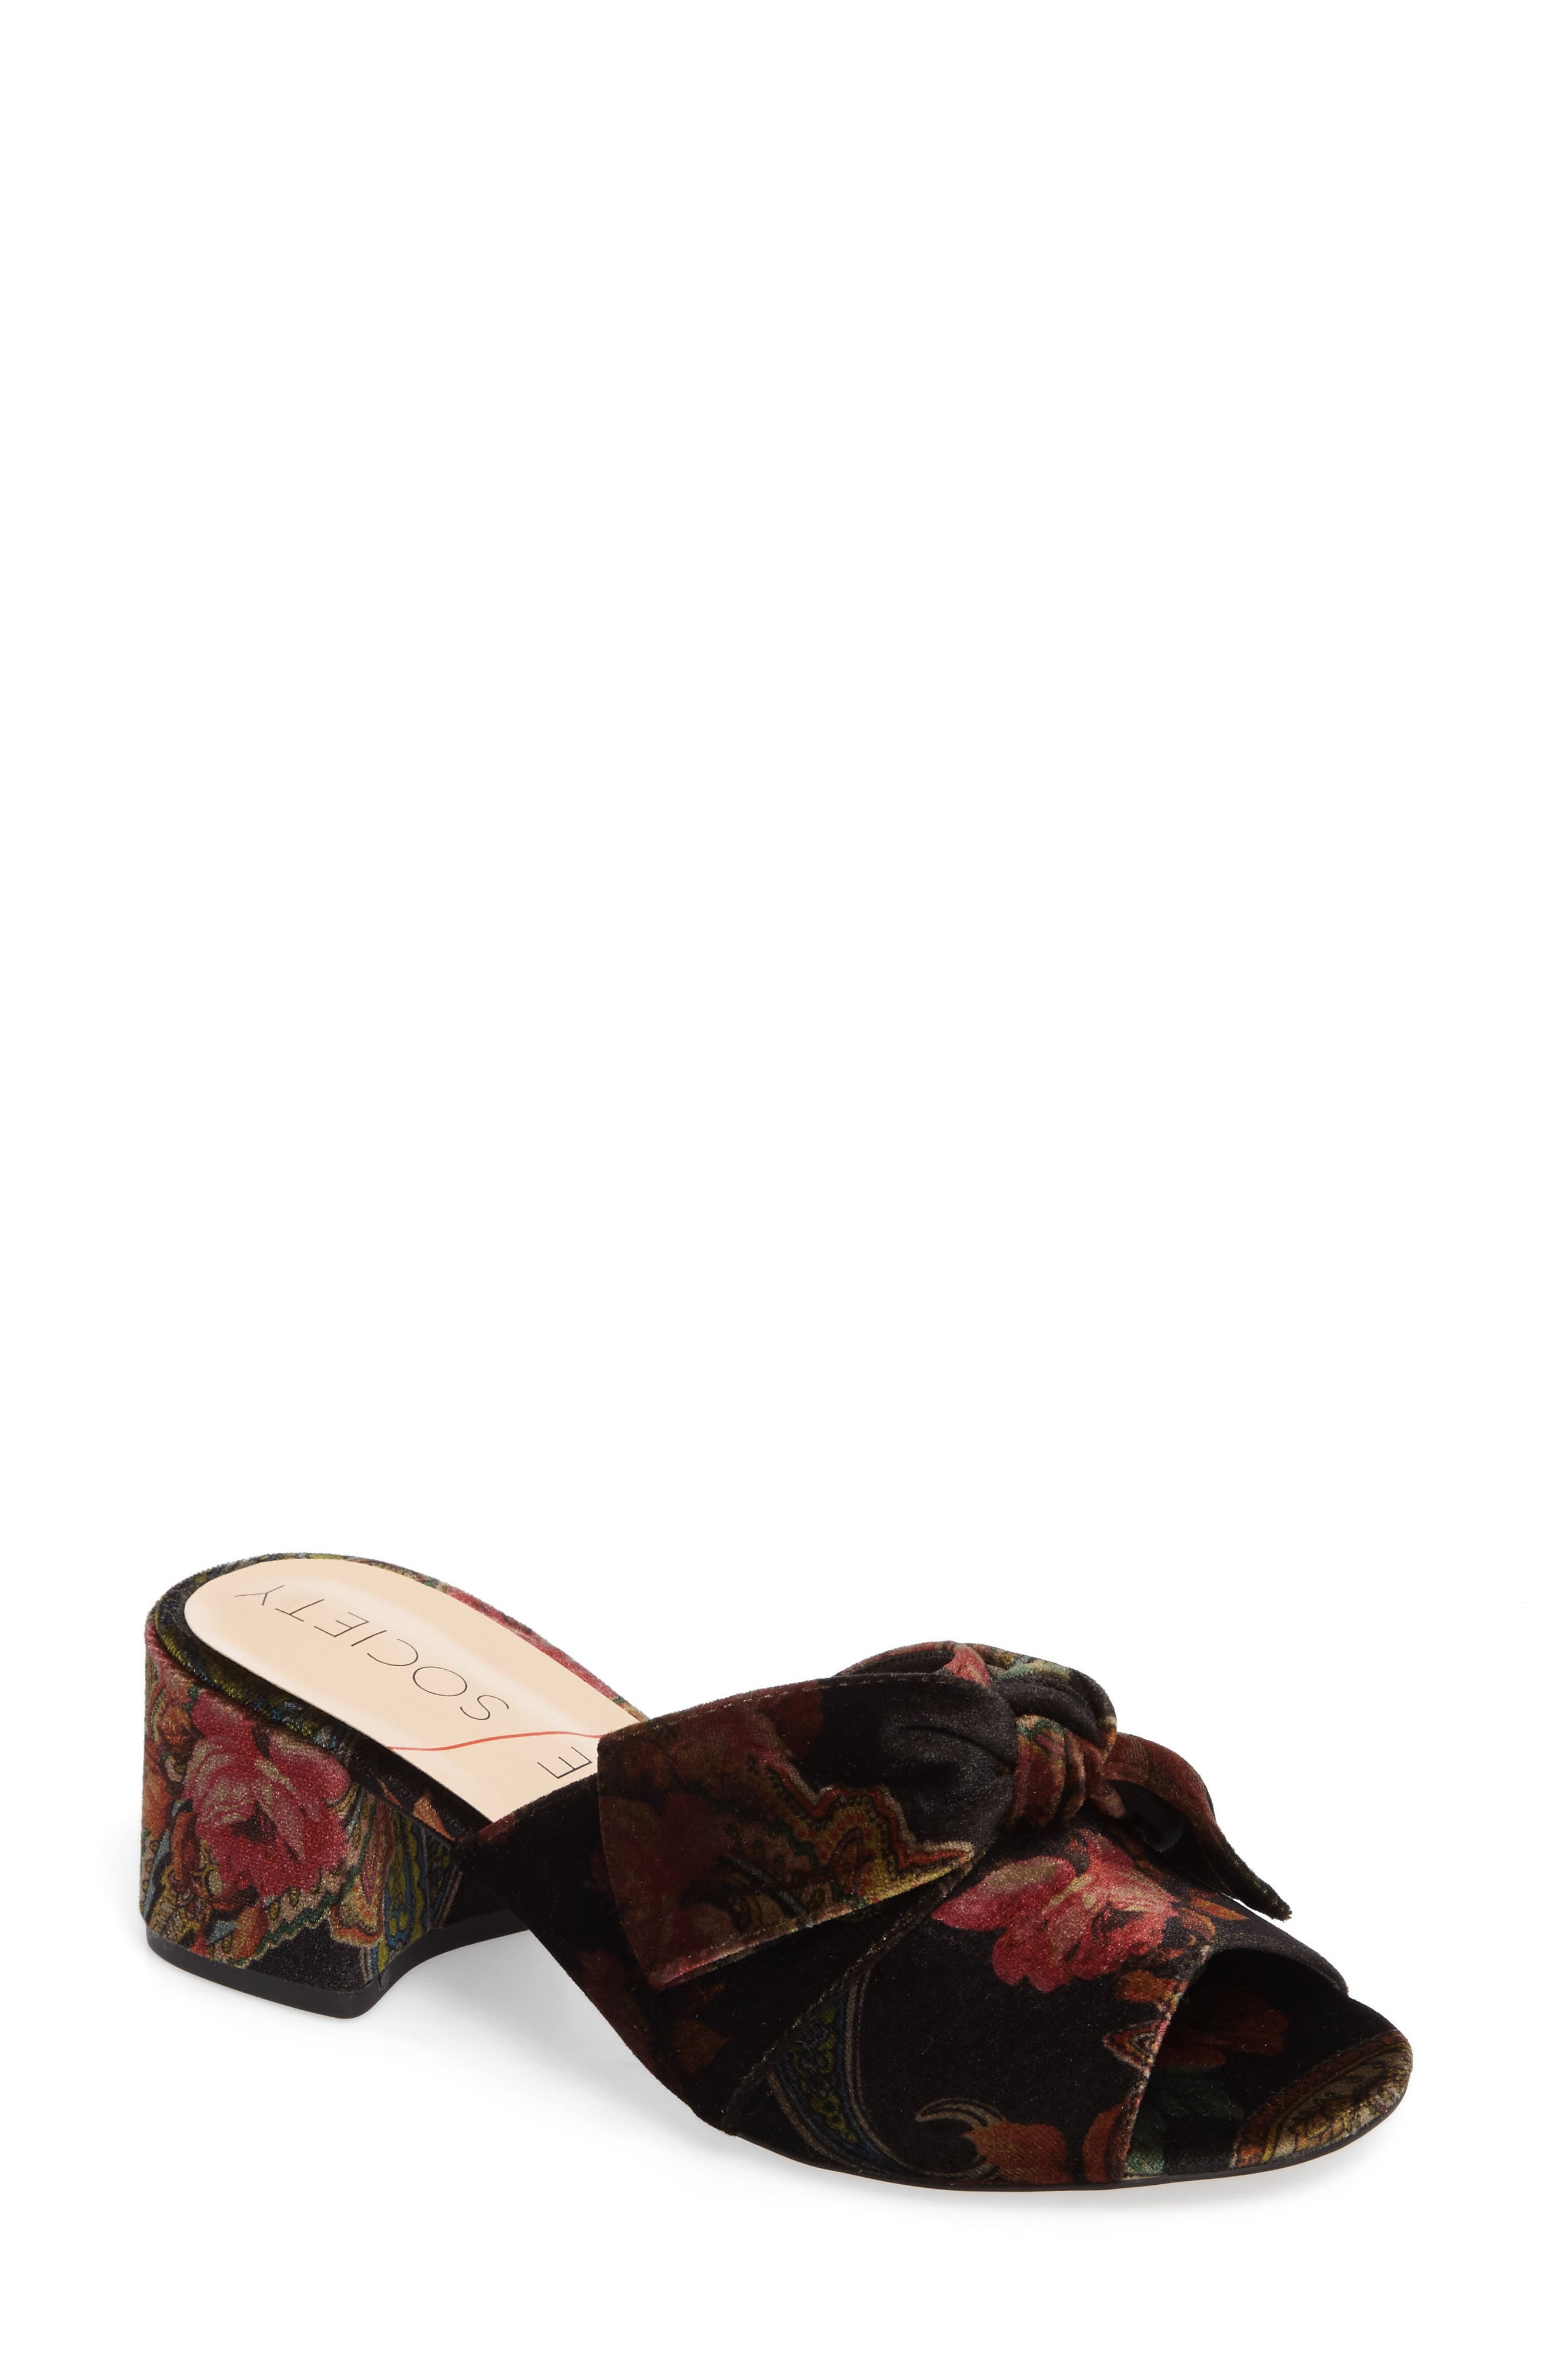 Main Image - Sole Society Cece Mule Sandal (Women)